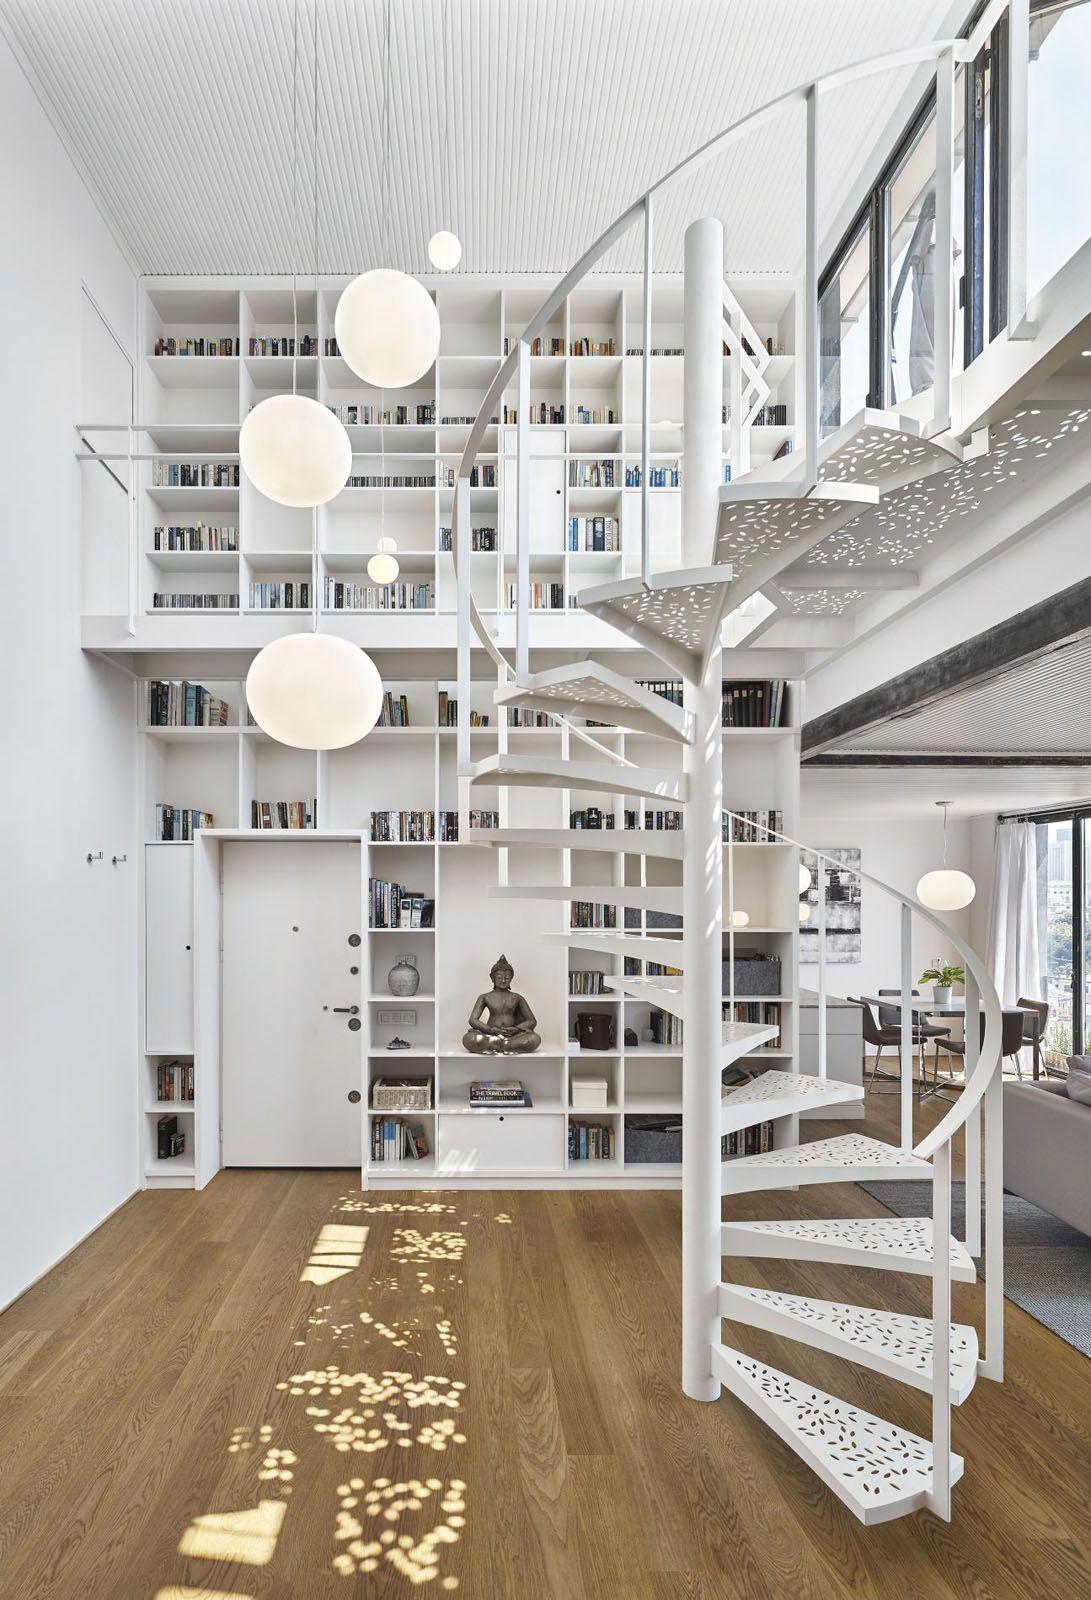 272 best Apartment Interior Design images on Pinterest   Apartment ...